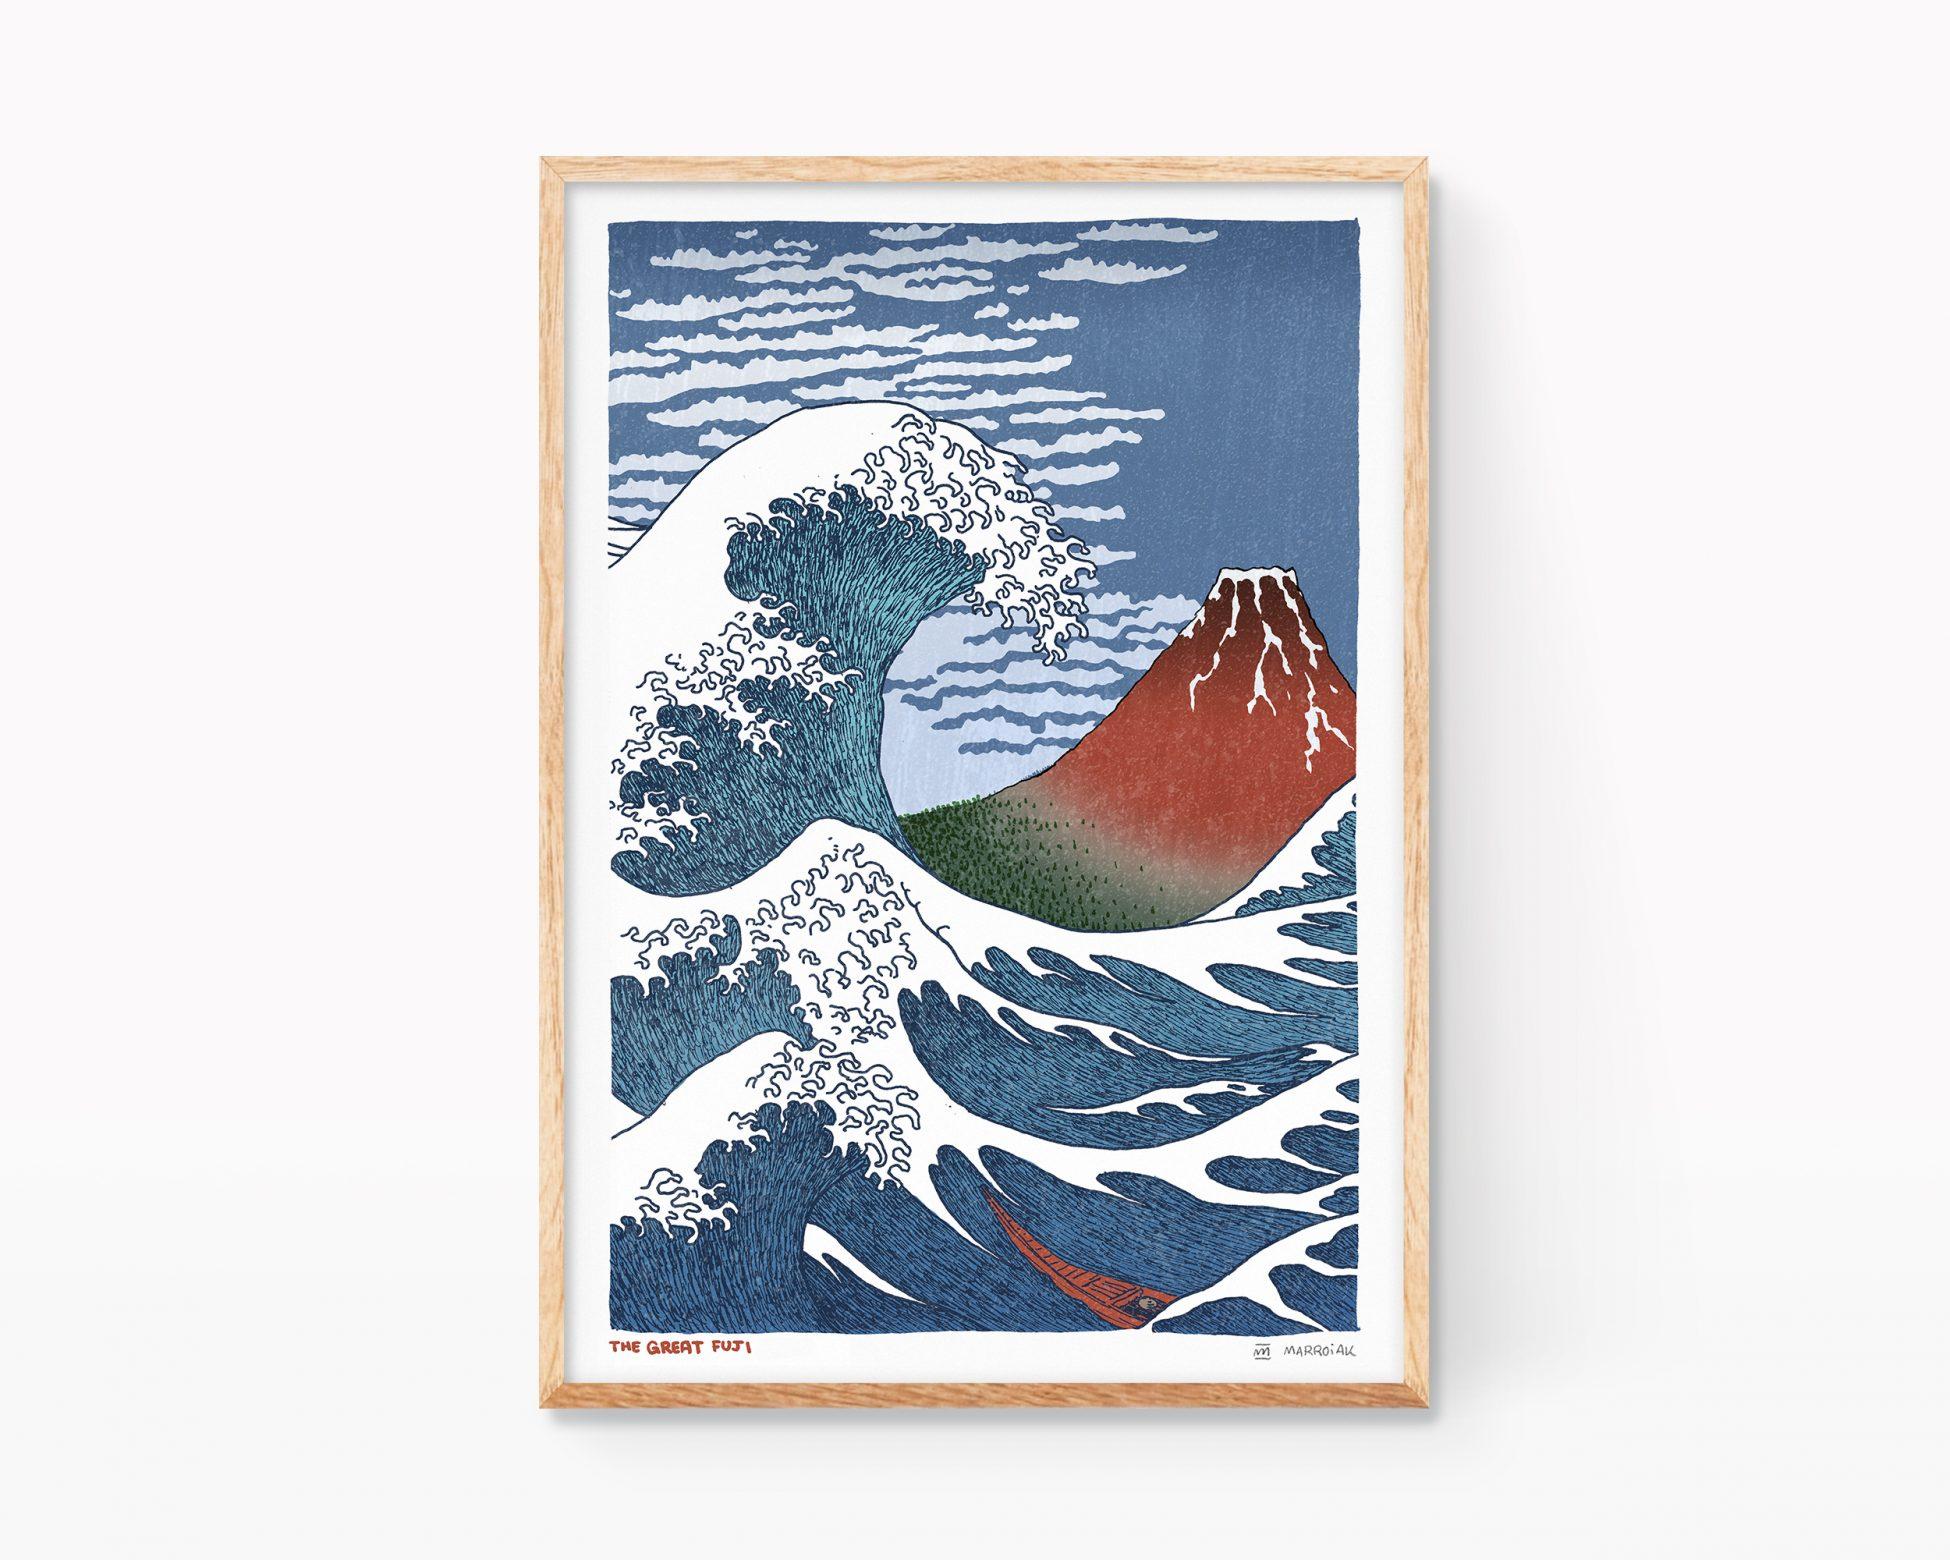 Lámina dibujo con una estampa japonesa ukiyo-e con un mashup de las obras La gran Ola y el Fuji rojo de Katsushika Hokusai. Cuadros decorativos para enmarcar